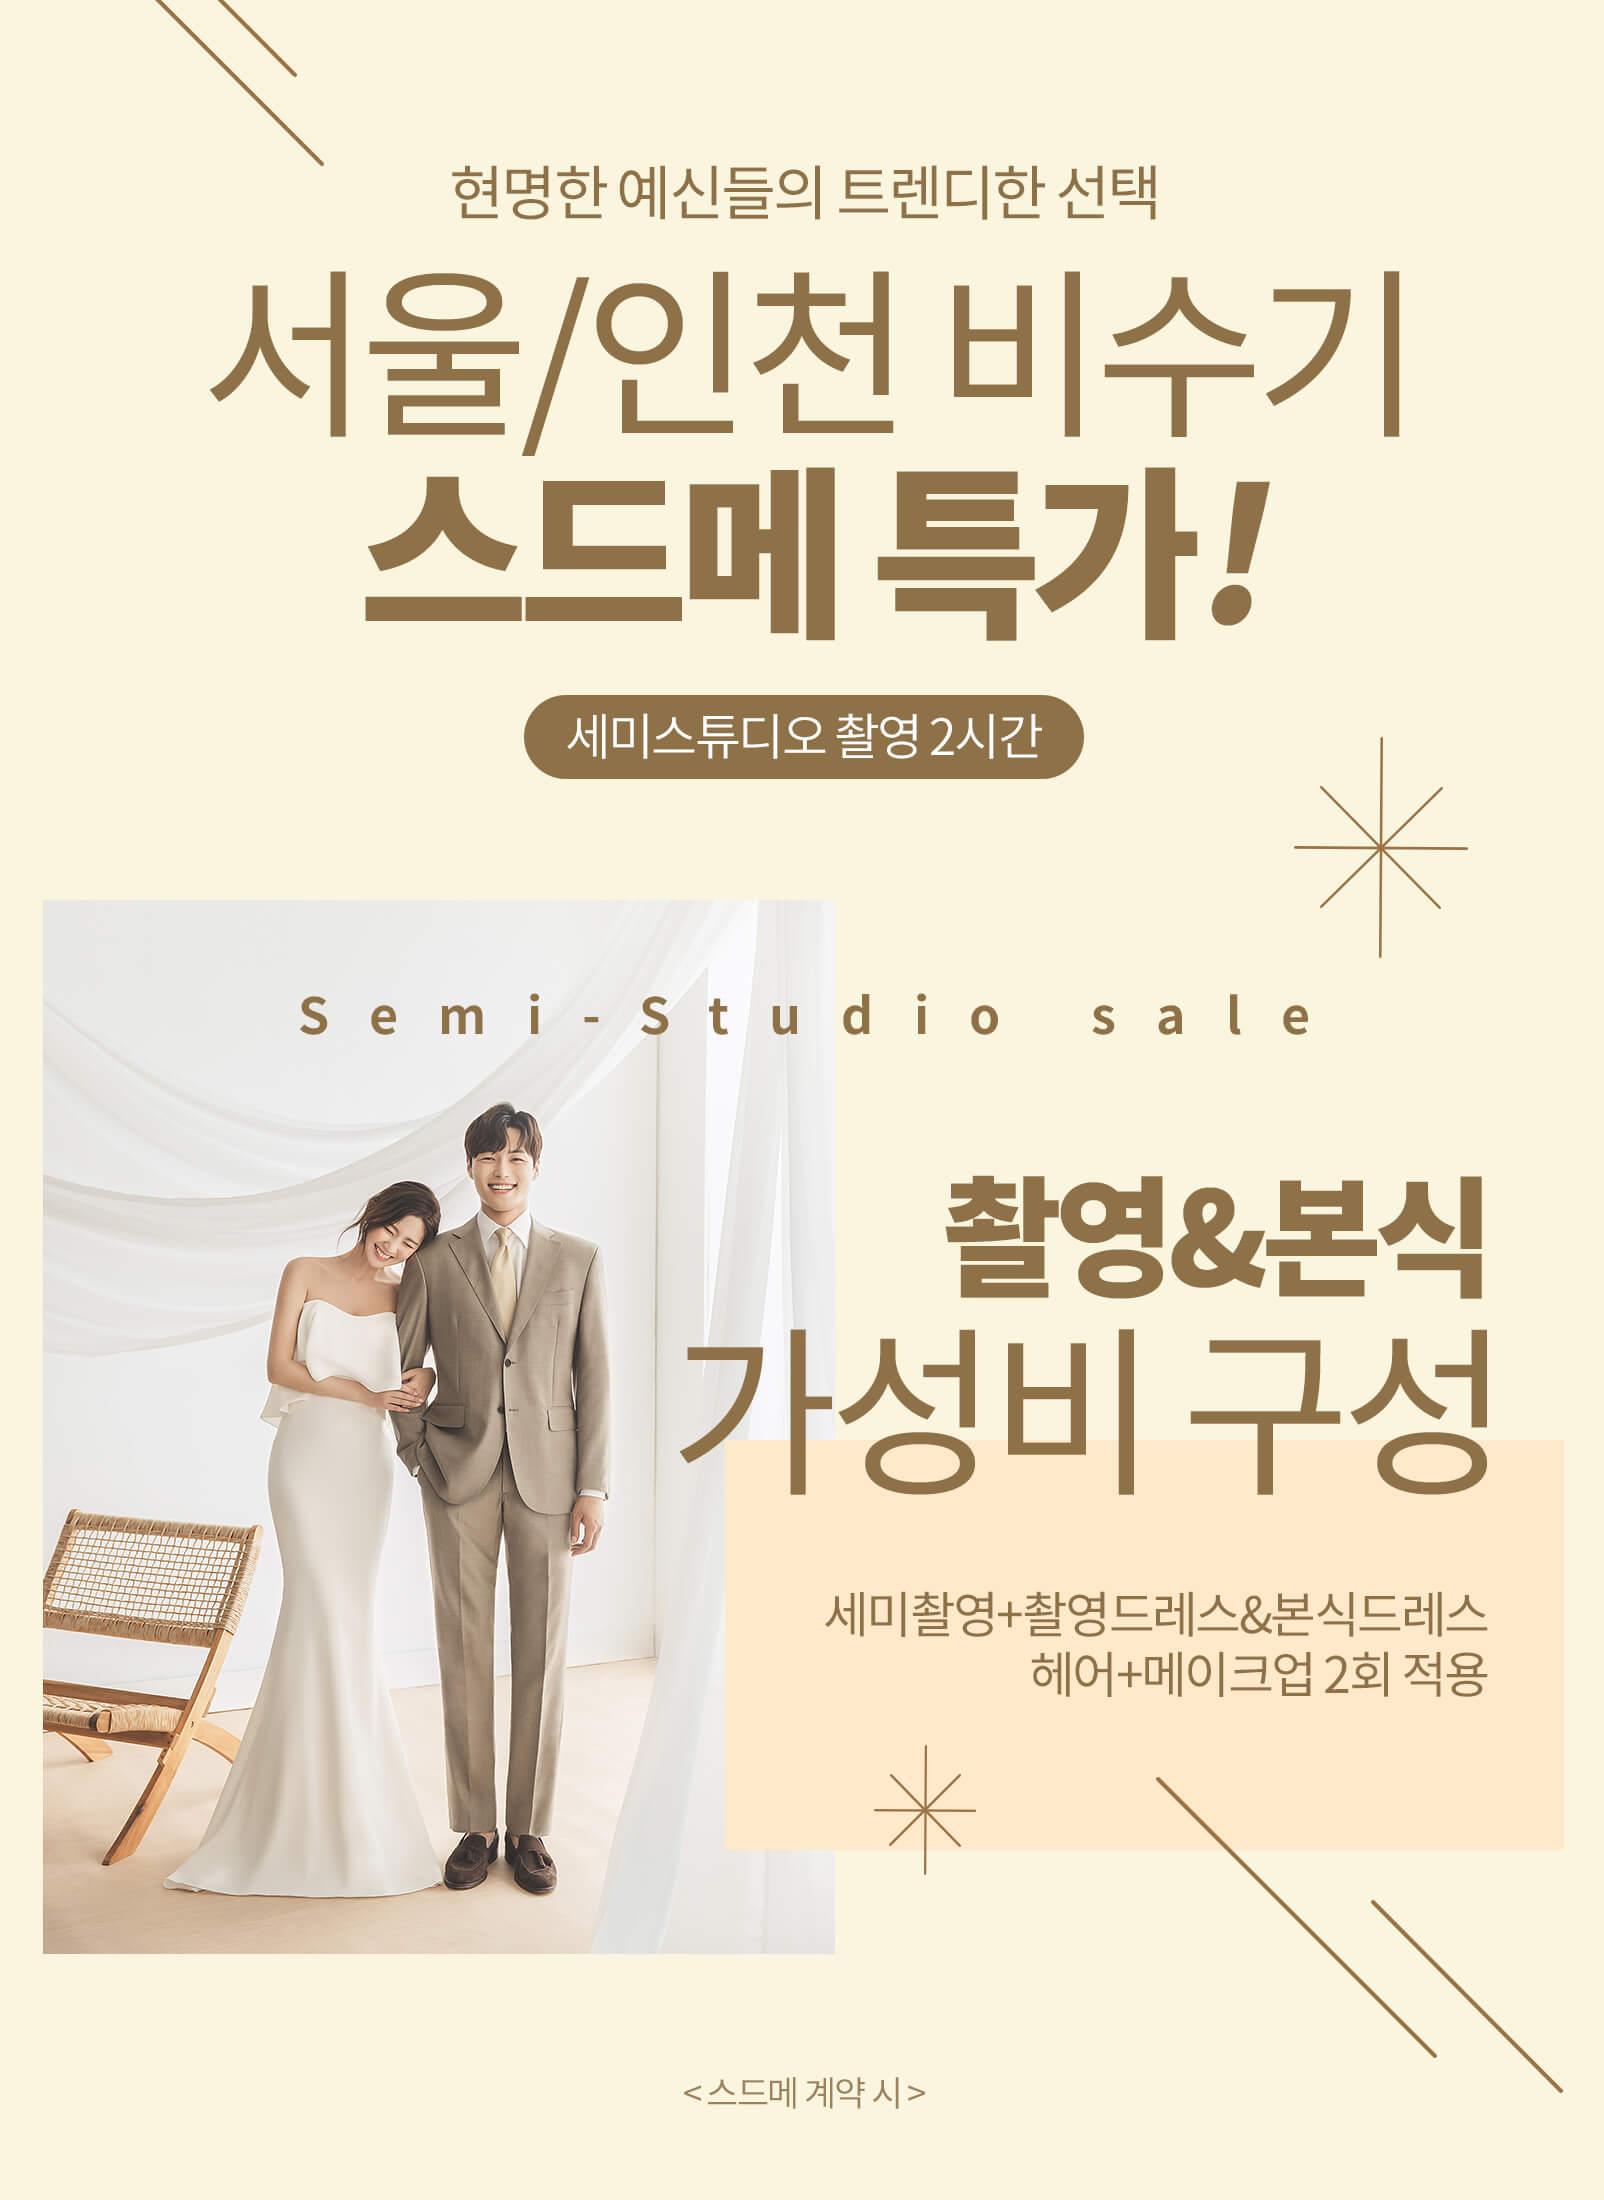 서울 인천 비수기 스드메 특가